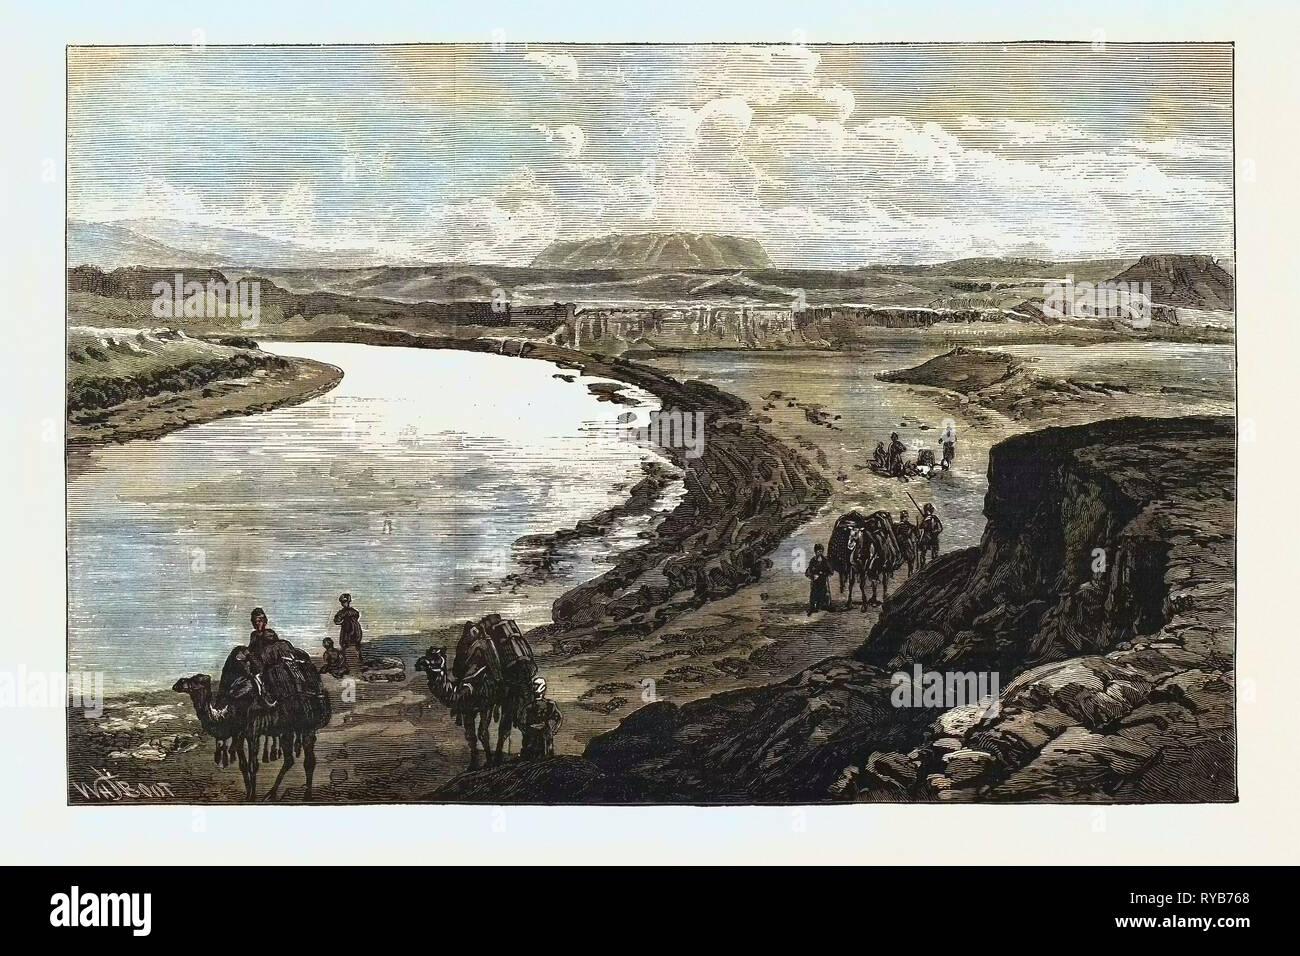 La frontera afgana: la confluencia de los ríos Murghab y Kushk Ak-Tapa en la distancia, 1885 Imagen De Stock